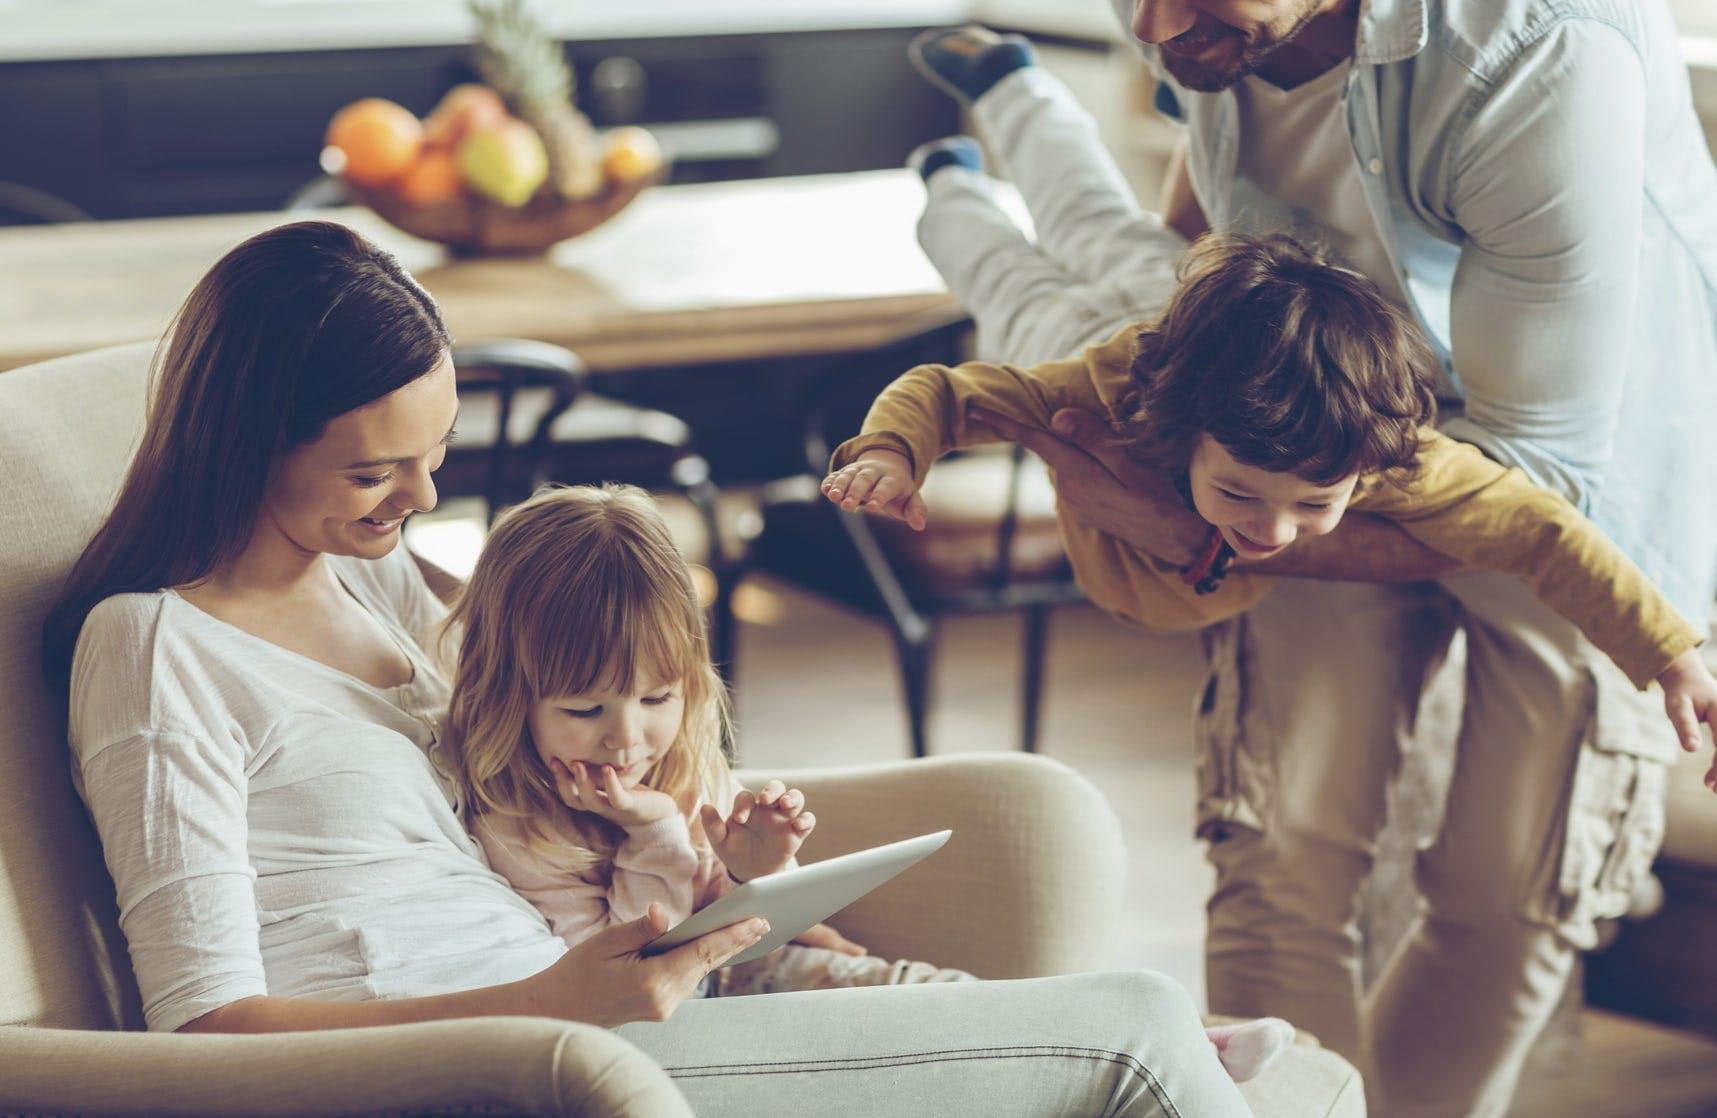 Familienzeit schenken